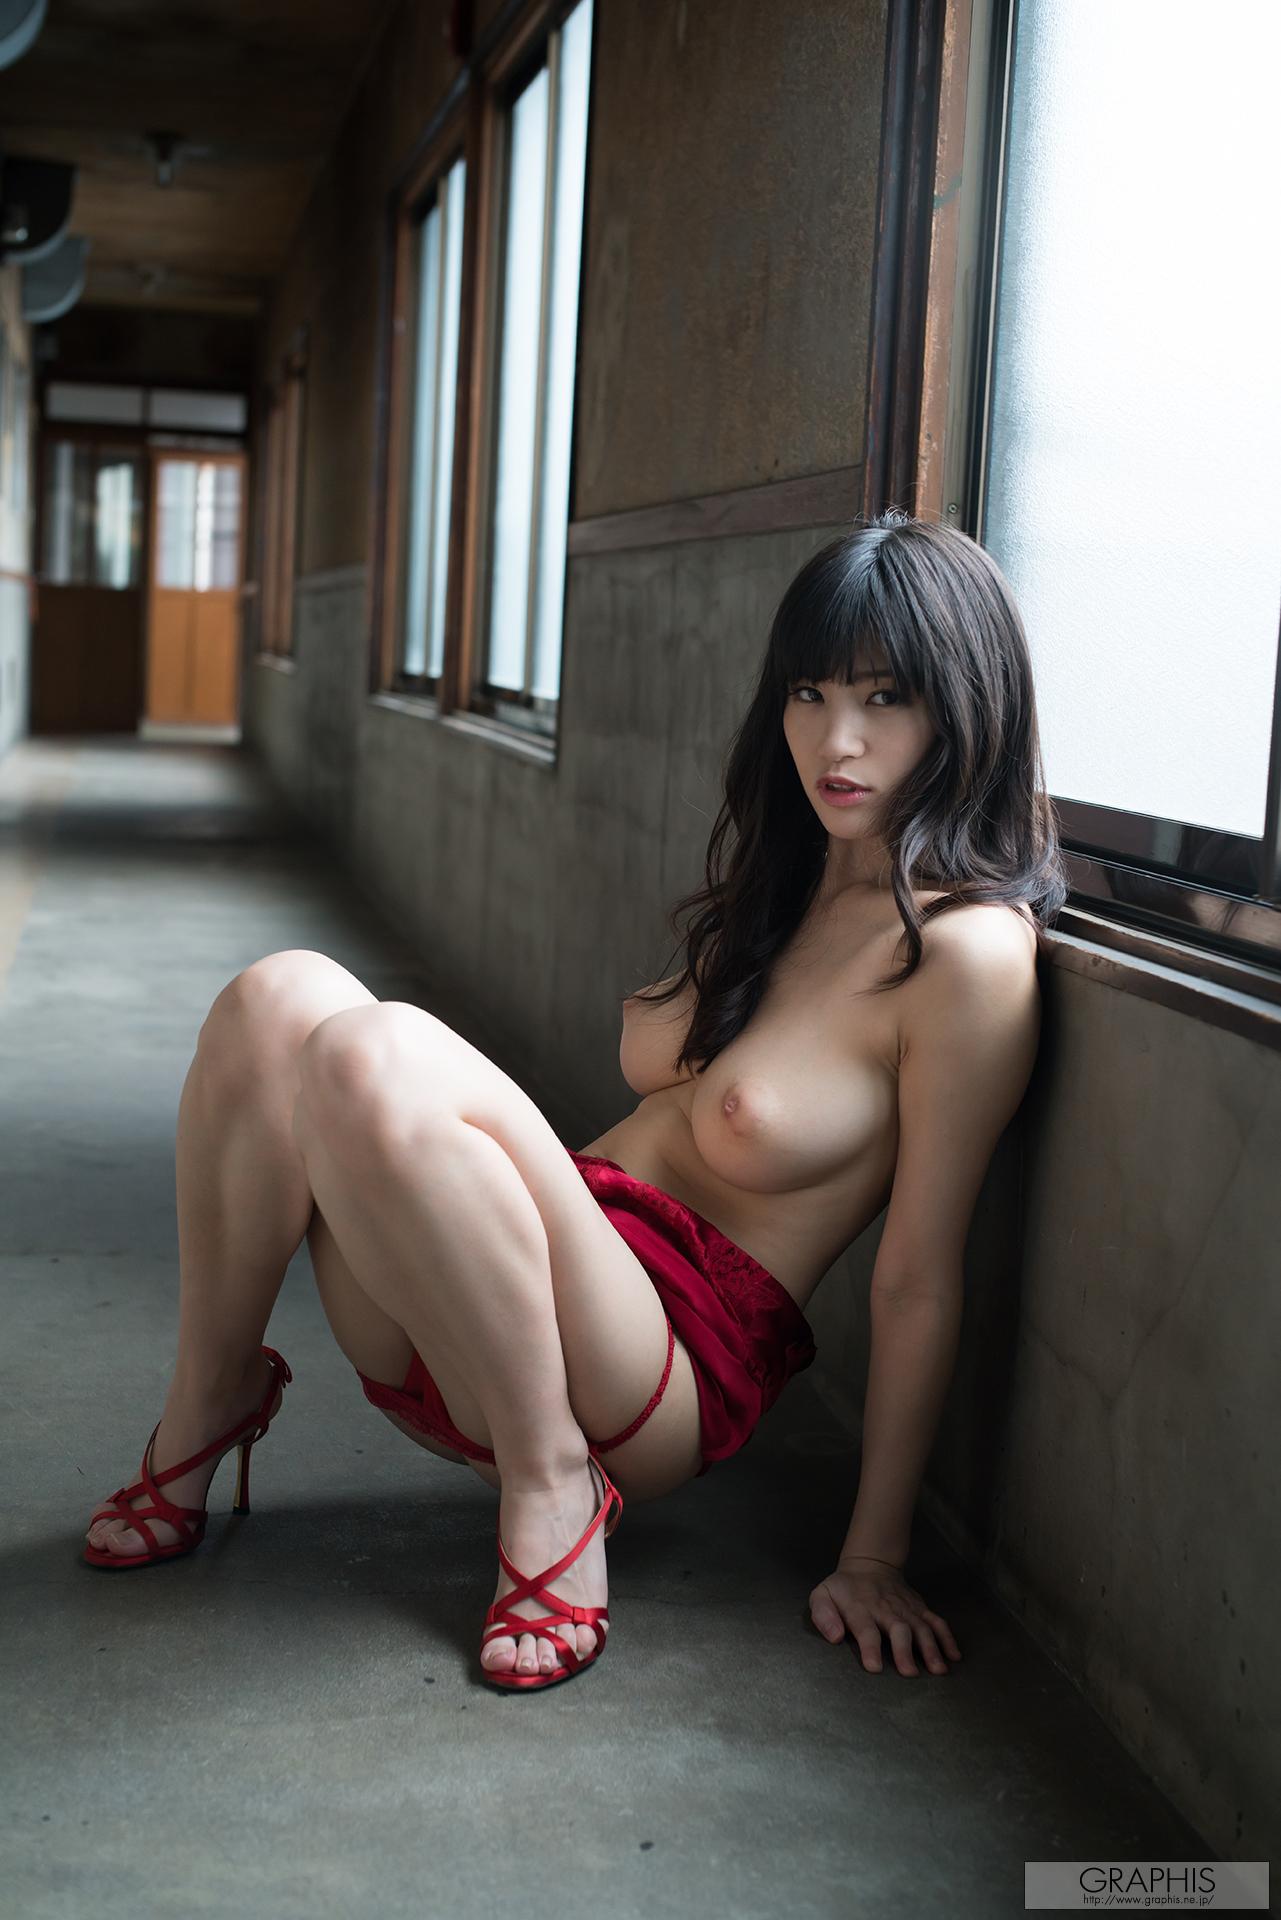 中出し 素人 平原裕子 tumblr tumblr mieharu pussy5